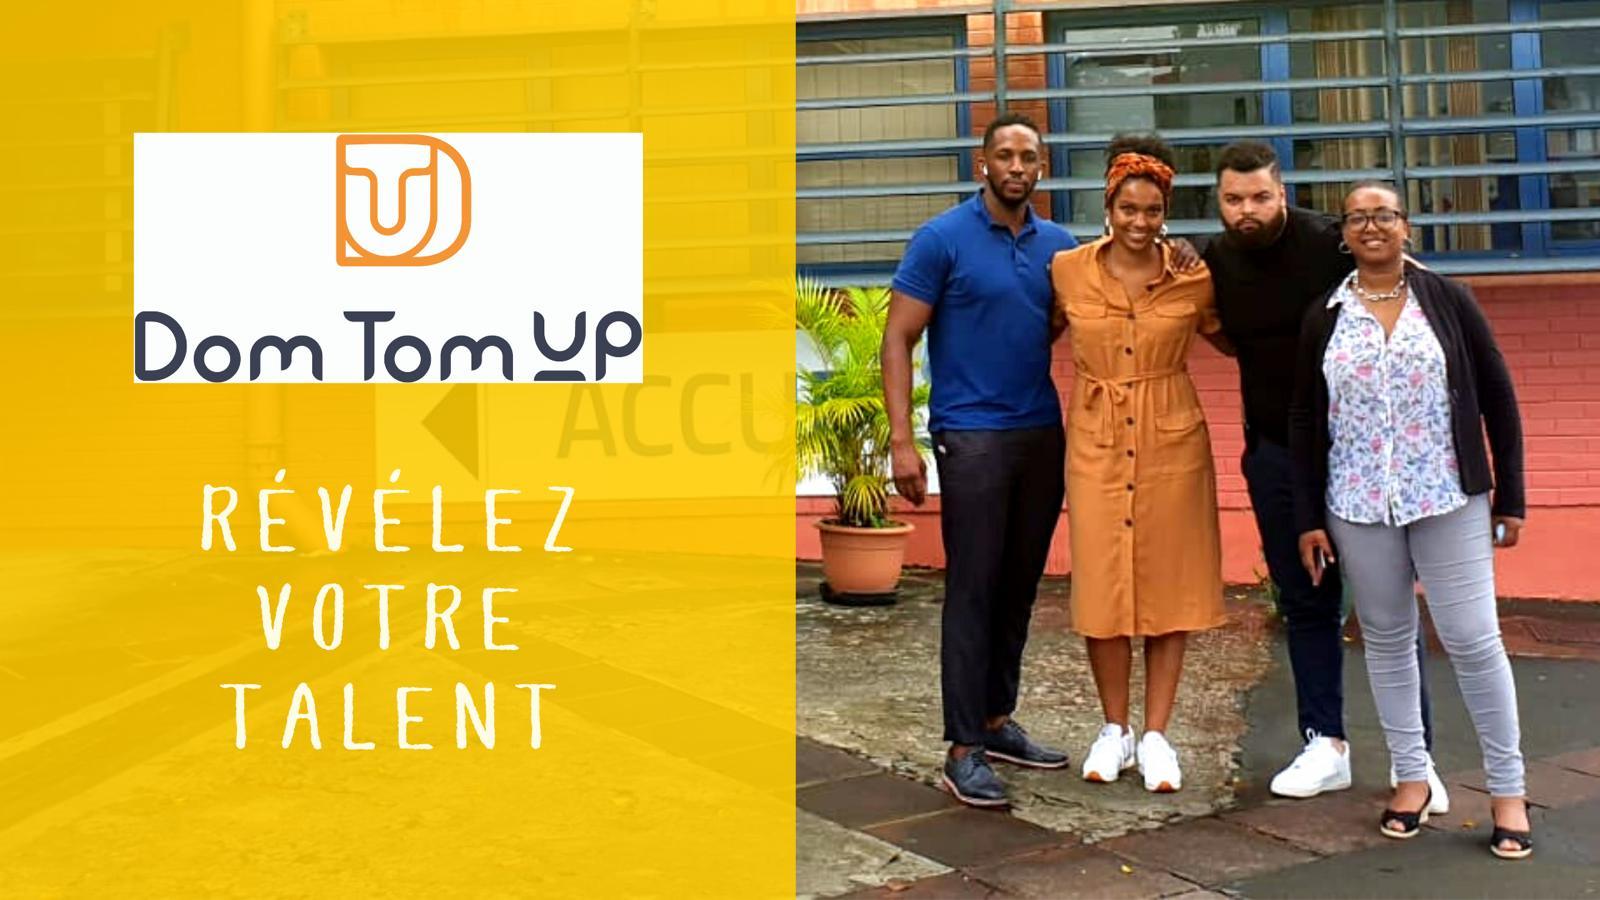 Dom-Tom Up : un réseau de formations innovantes créé par 4 jeunes antillais